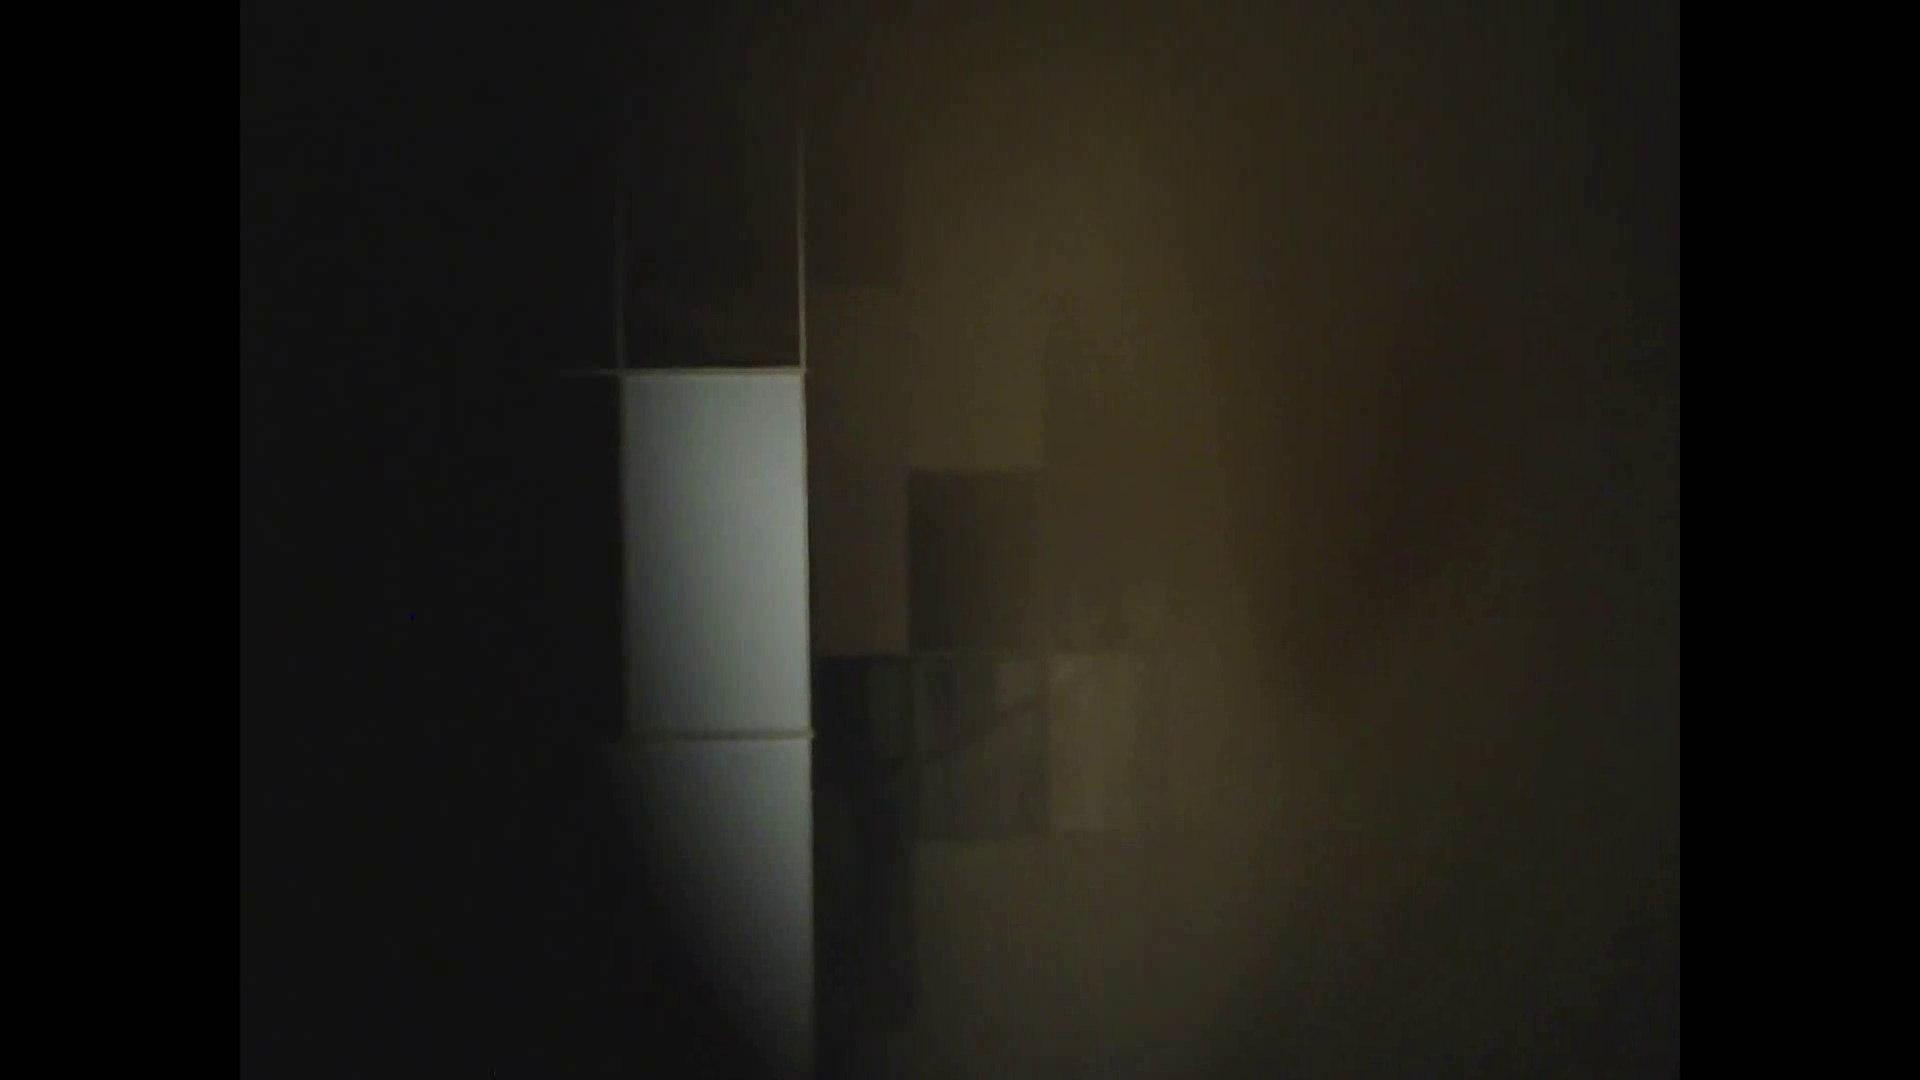 イケメンの素顔in洗面所 Vol.06 イケメンのsex | 0  106pic 73